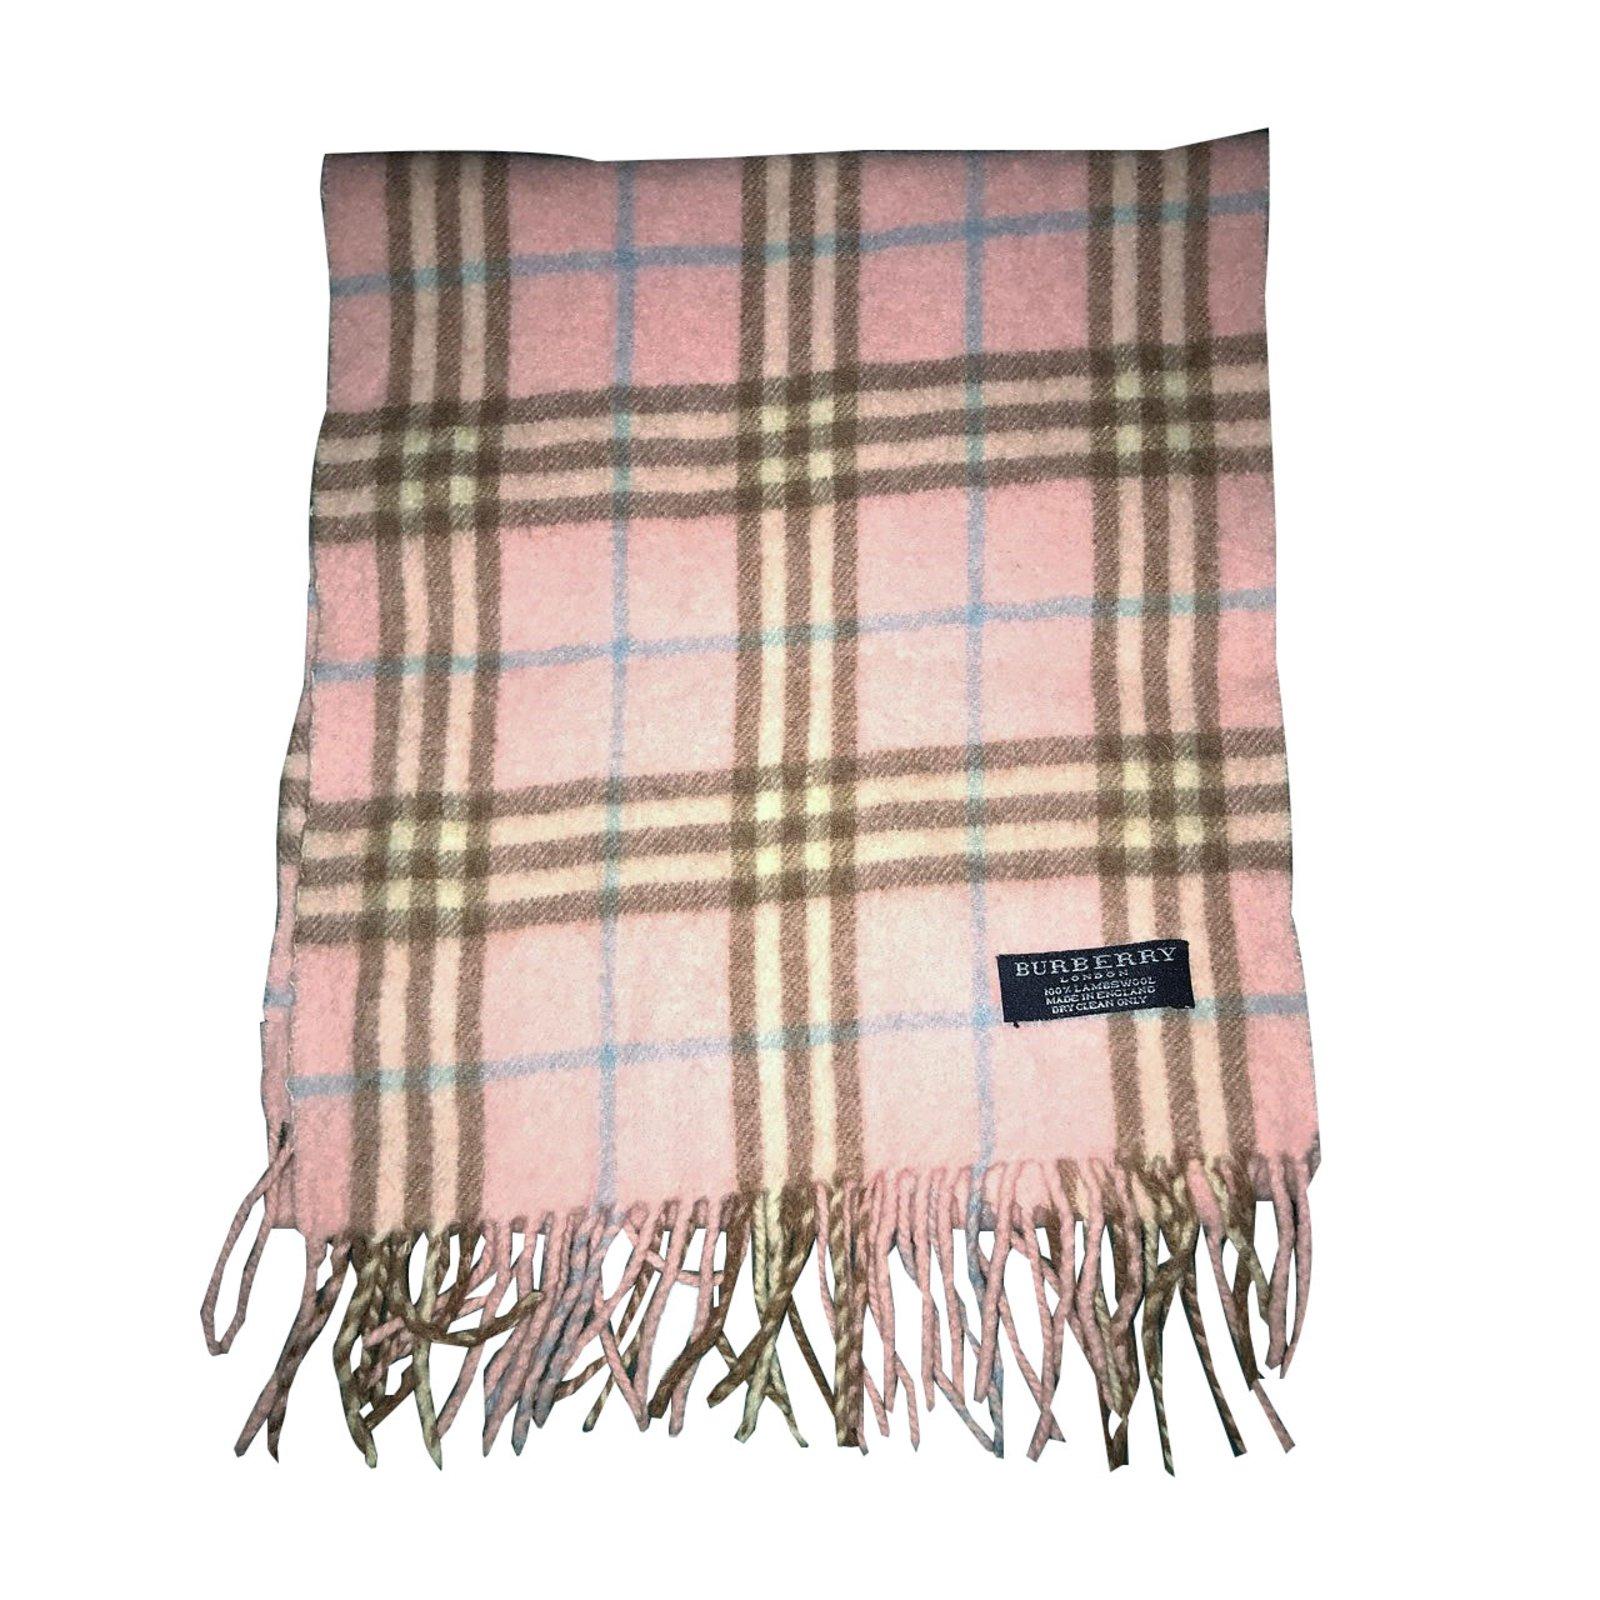 22ed031c3e2f Acheter burberry foulard original pas cher ici en ligne avec le prix le  plus bas possible. Remises spéciales sur les nouvelles offres 2018.